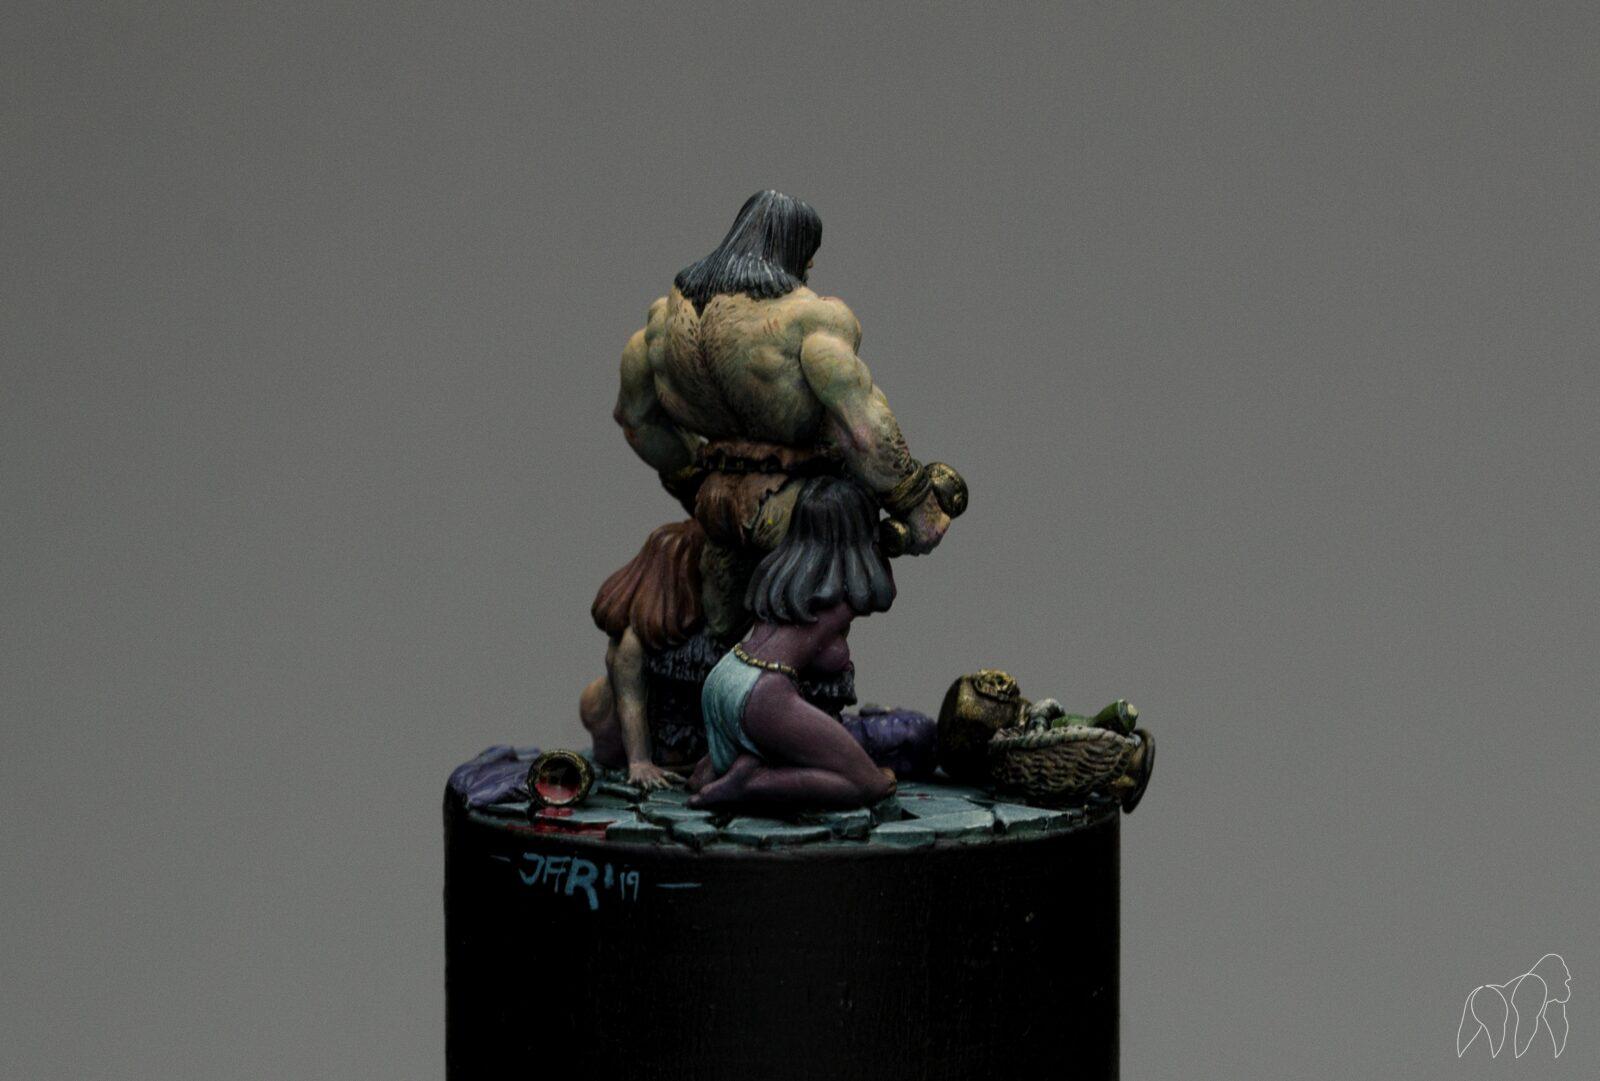 Conan11